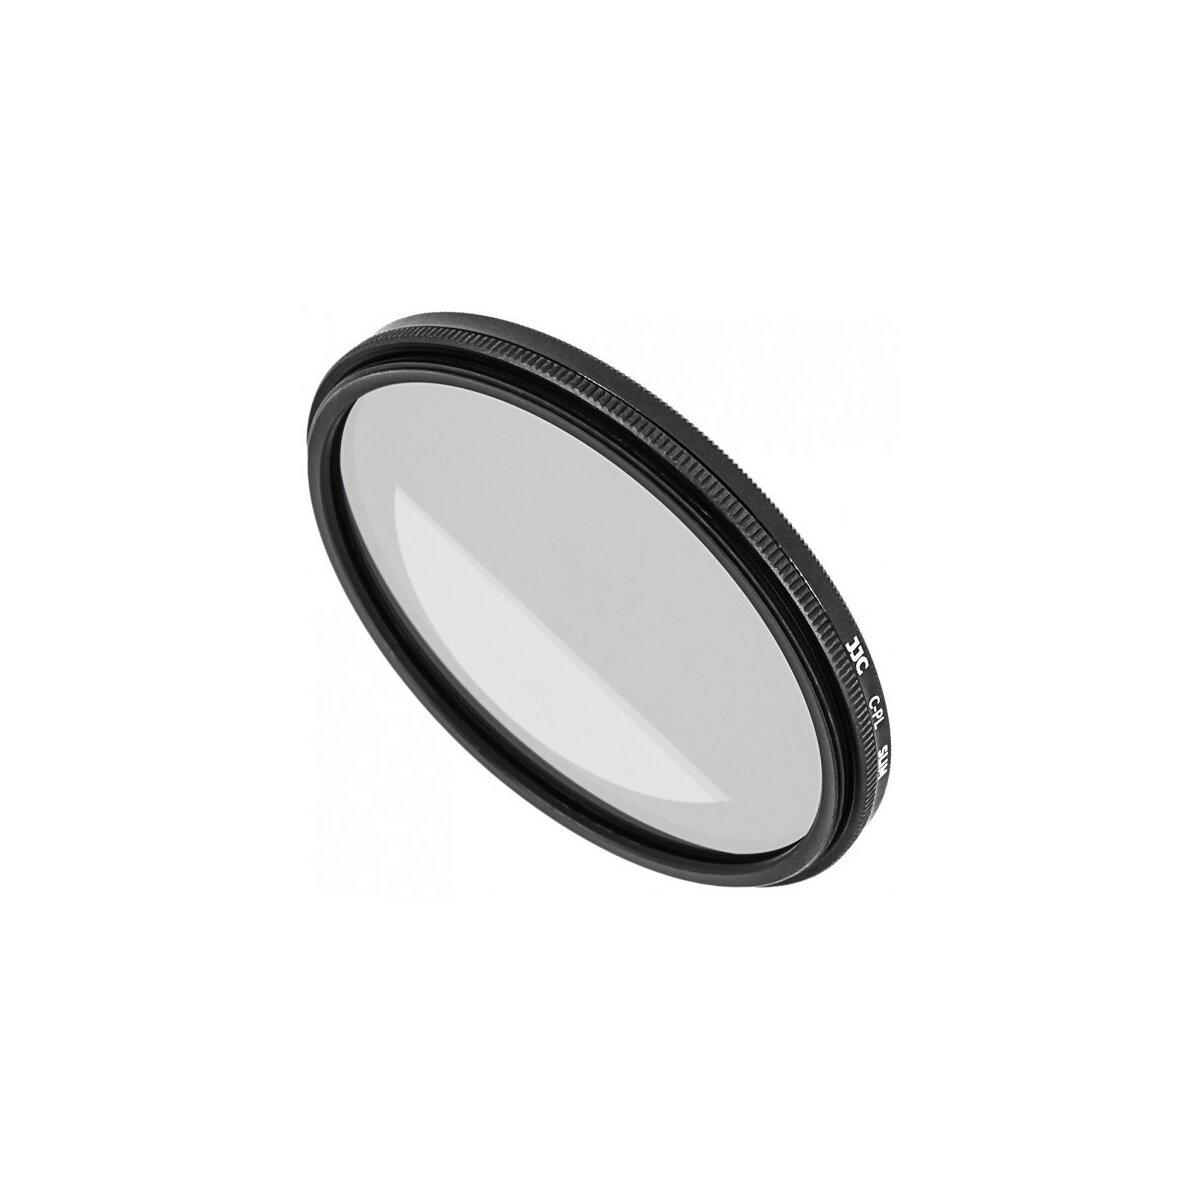 Ultra Flacher Zirkular CPL Polfilter fuer Objektive mit 49 mm Filtergewinde - fuer kontrastreiche Bilder mit gesaettigten Farben